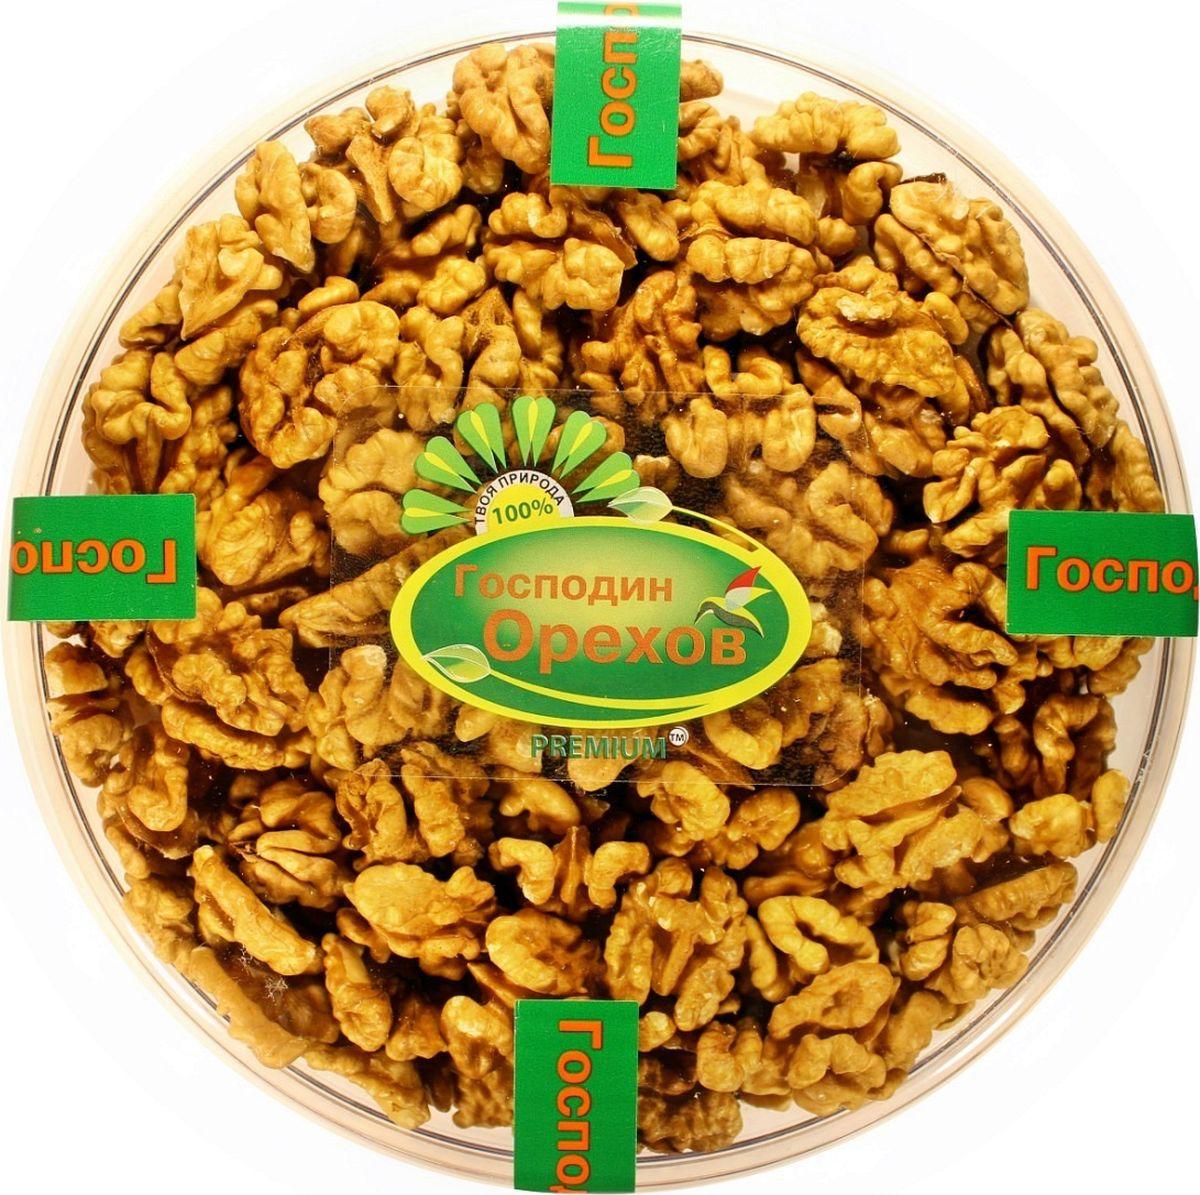 Грецкий орех Господин орехов, 350 г, тарелка грецкий орех господин орехов 180 г